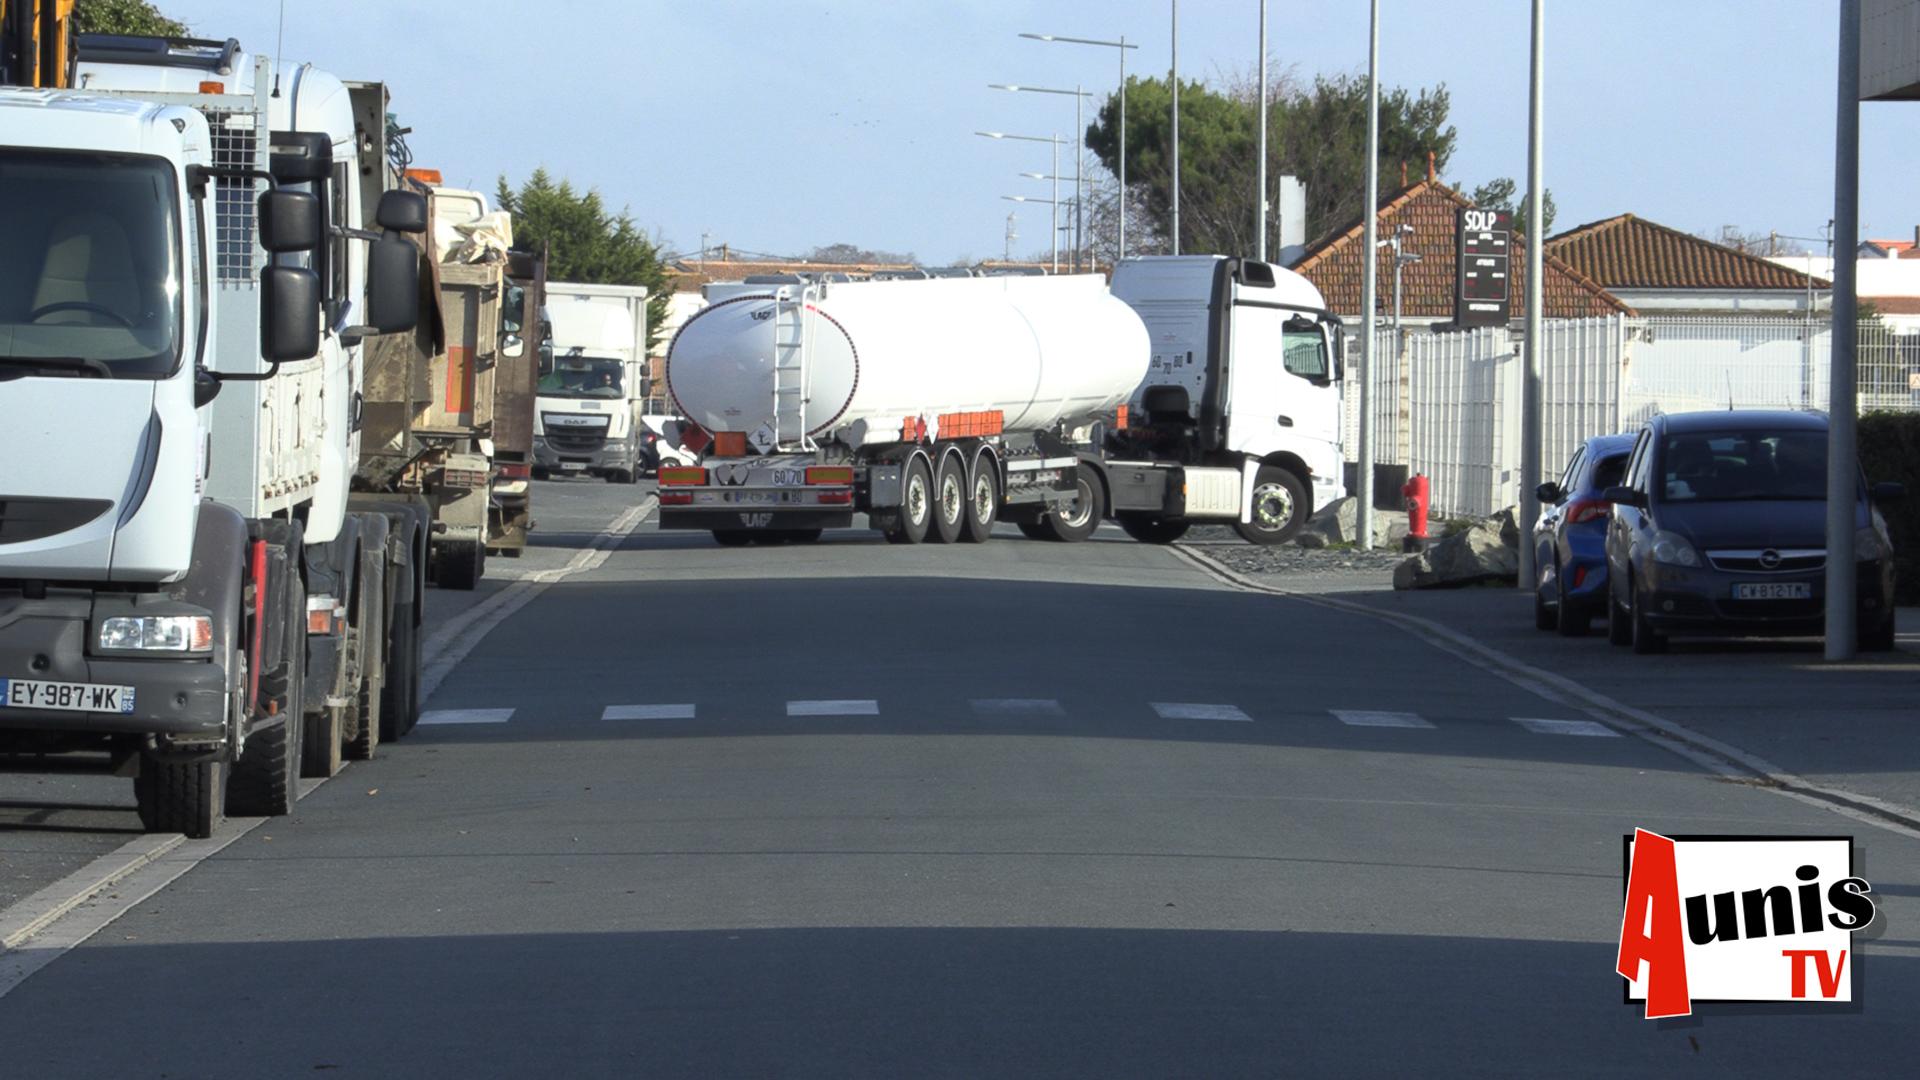 Dépôts carburant libérés GNR La Rochelle Police BTP